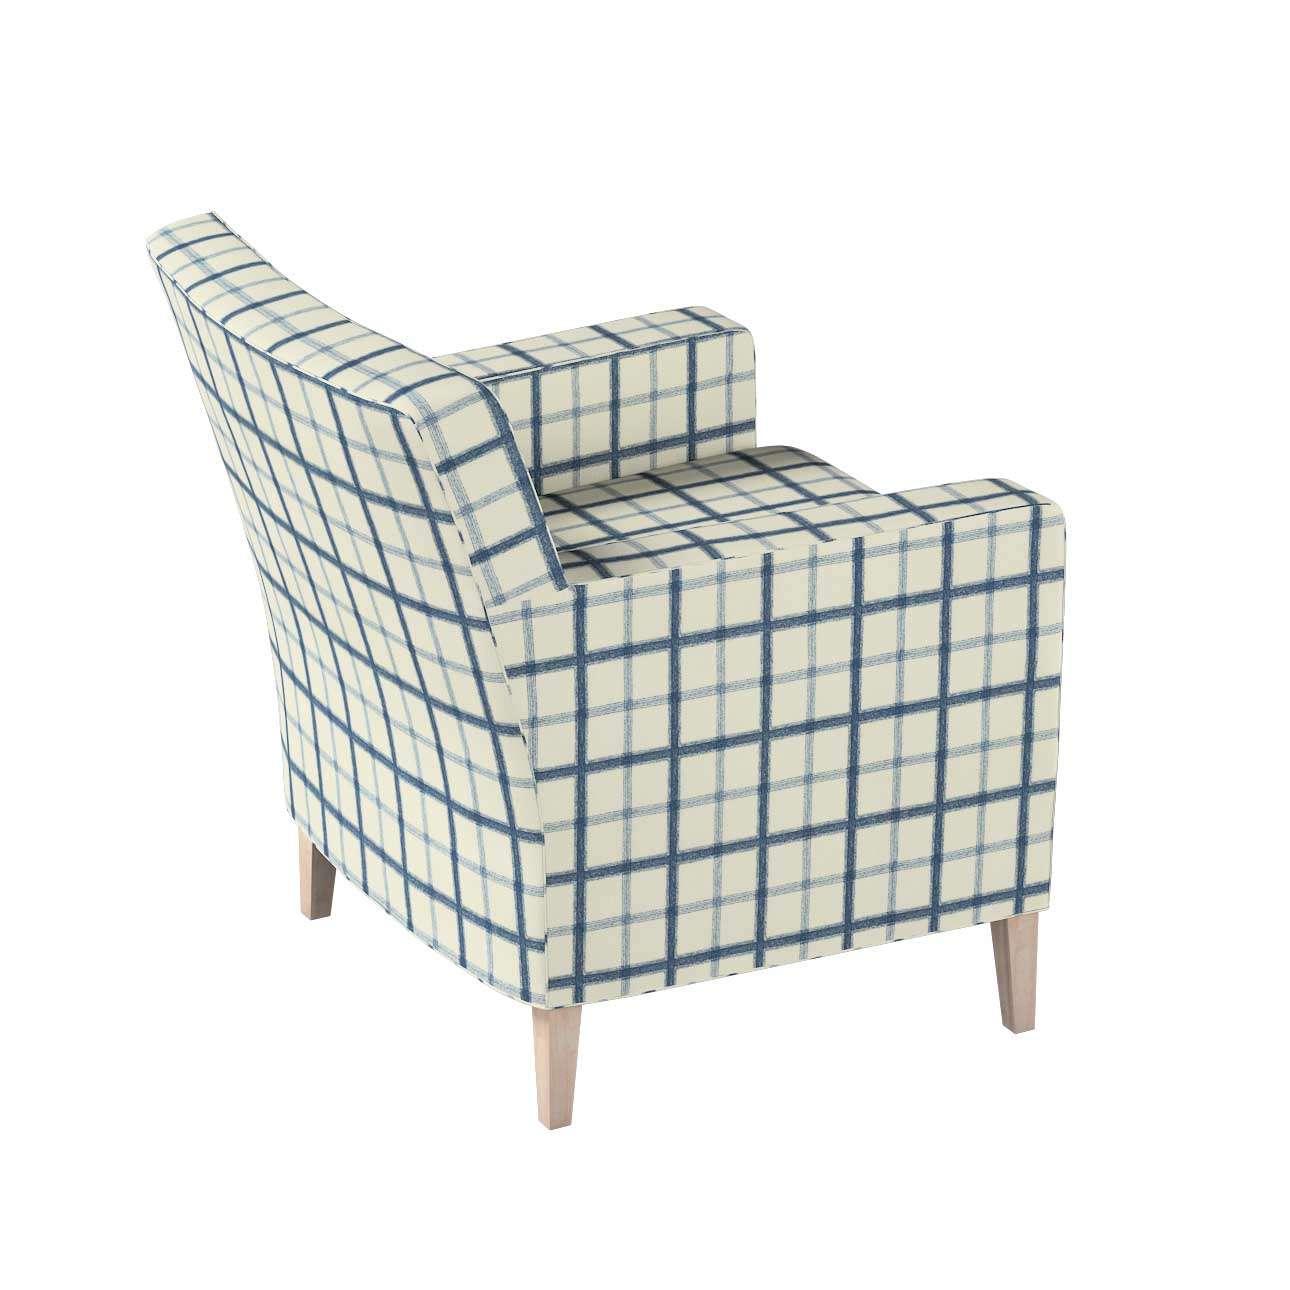 Pokrowiec na fotel Karlstad w kolekcji Avinon, tkanina: 131-66